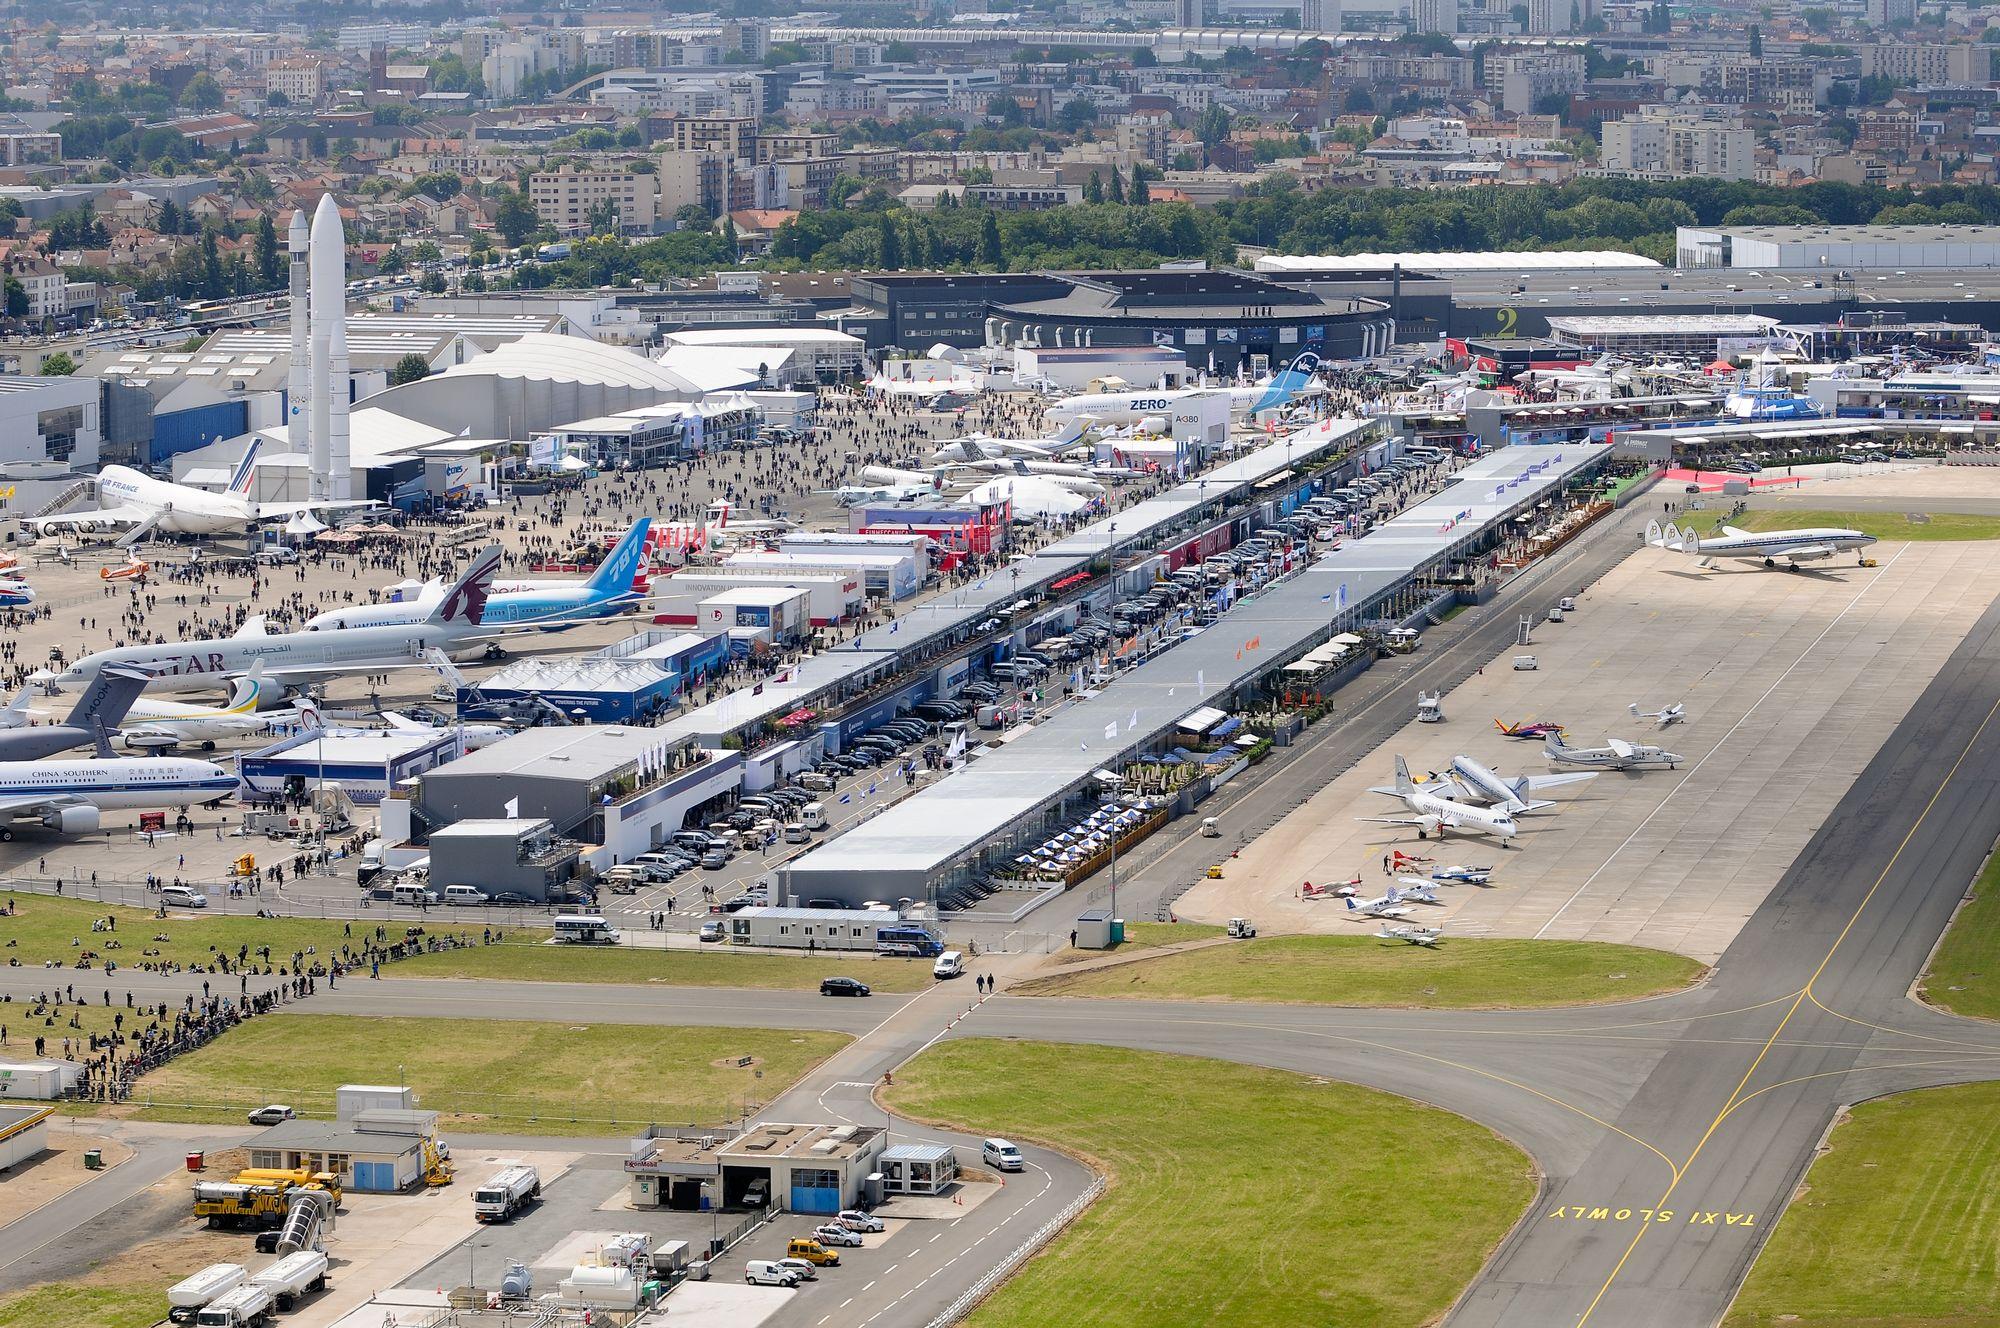 130 Flugzeuge, Hubschrauber und Raumfahrzeuge zeigt die 50. Luftfahrtschau in Le Bourget.